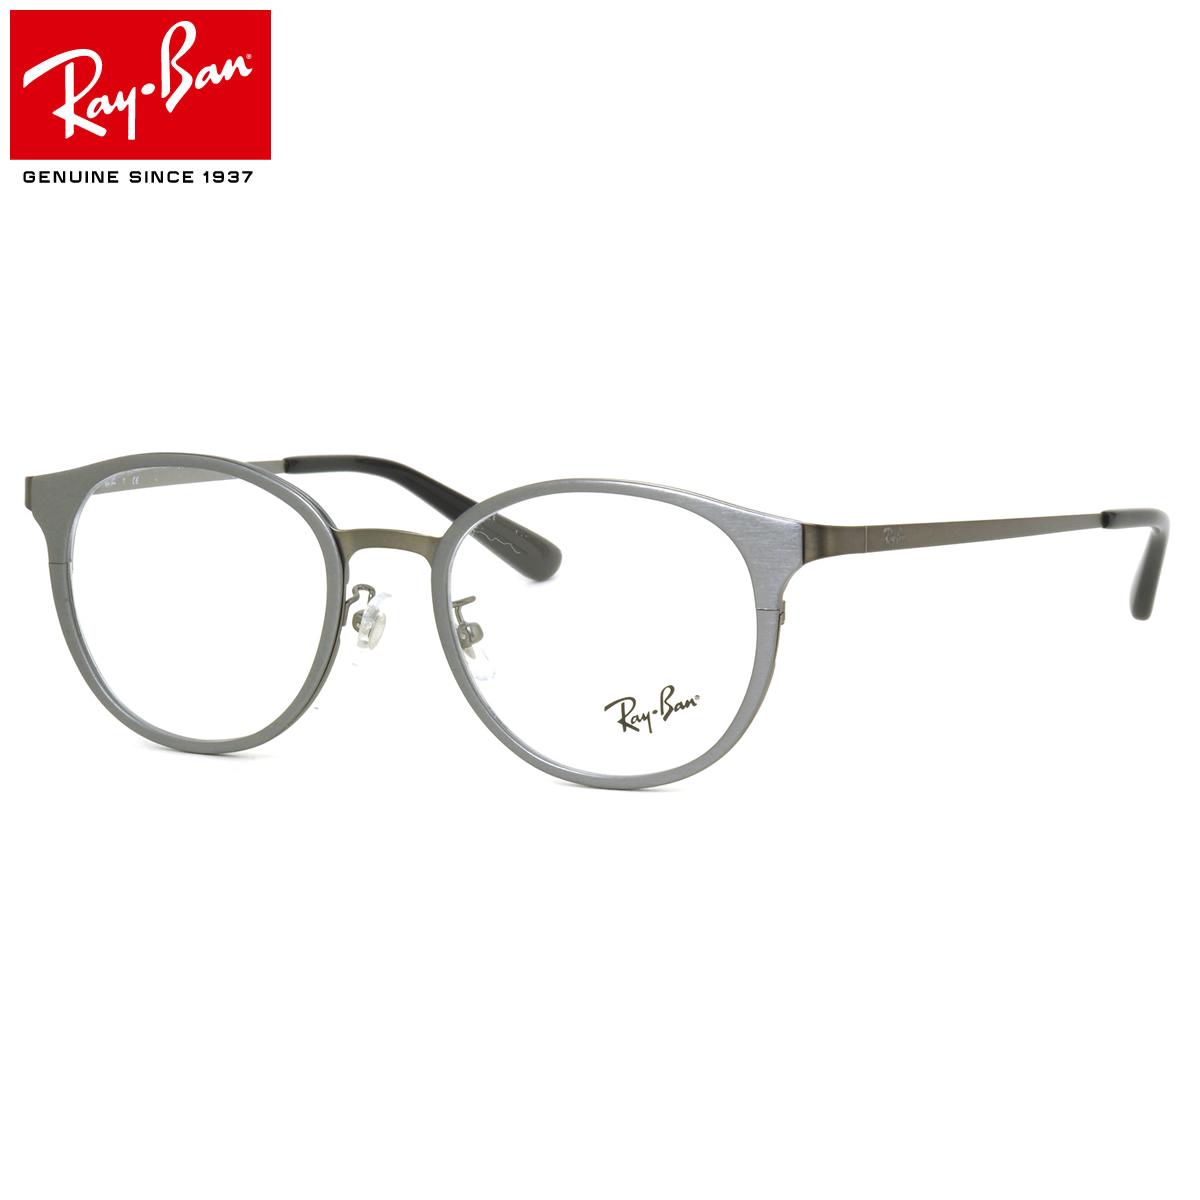 【10月30日からエントリーで全品ポイント20倍】レイバン メガネ フレーム Ray-Ban RX6372D 2842 50サイズ ボストン 丸メガネ フレーム シートメタル レイバン RAYBAN メンズ レディース